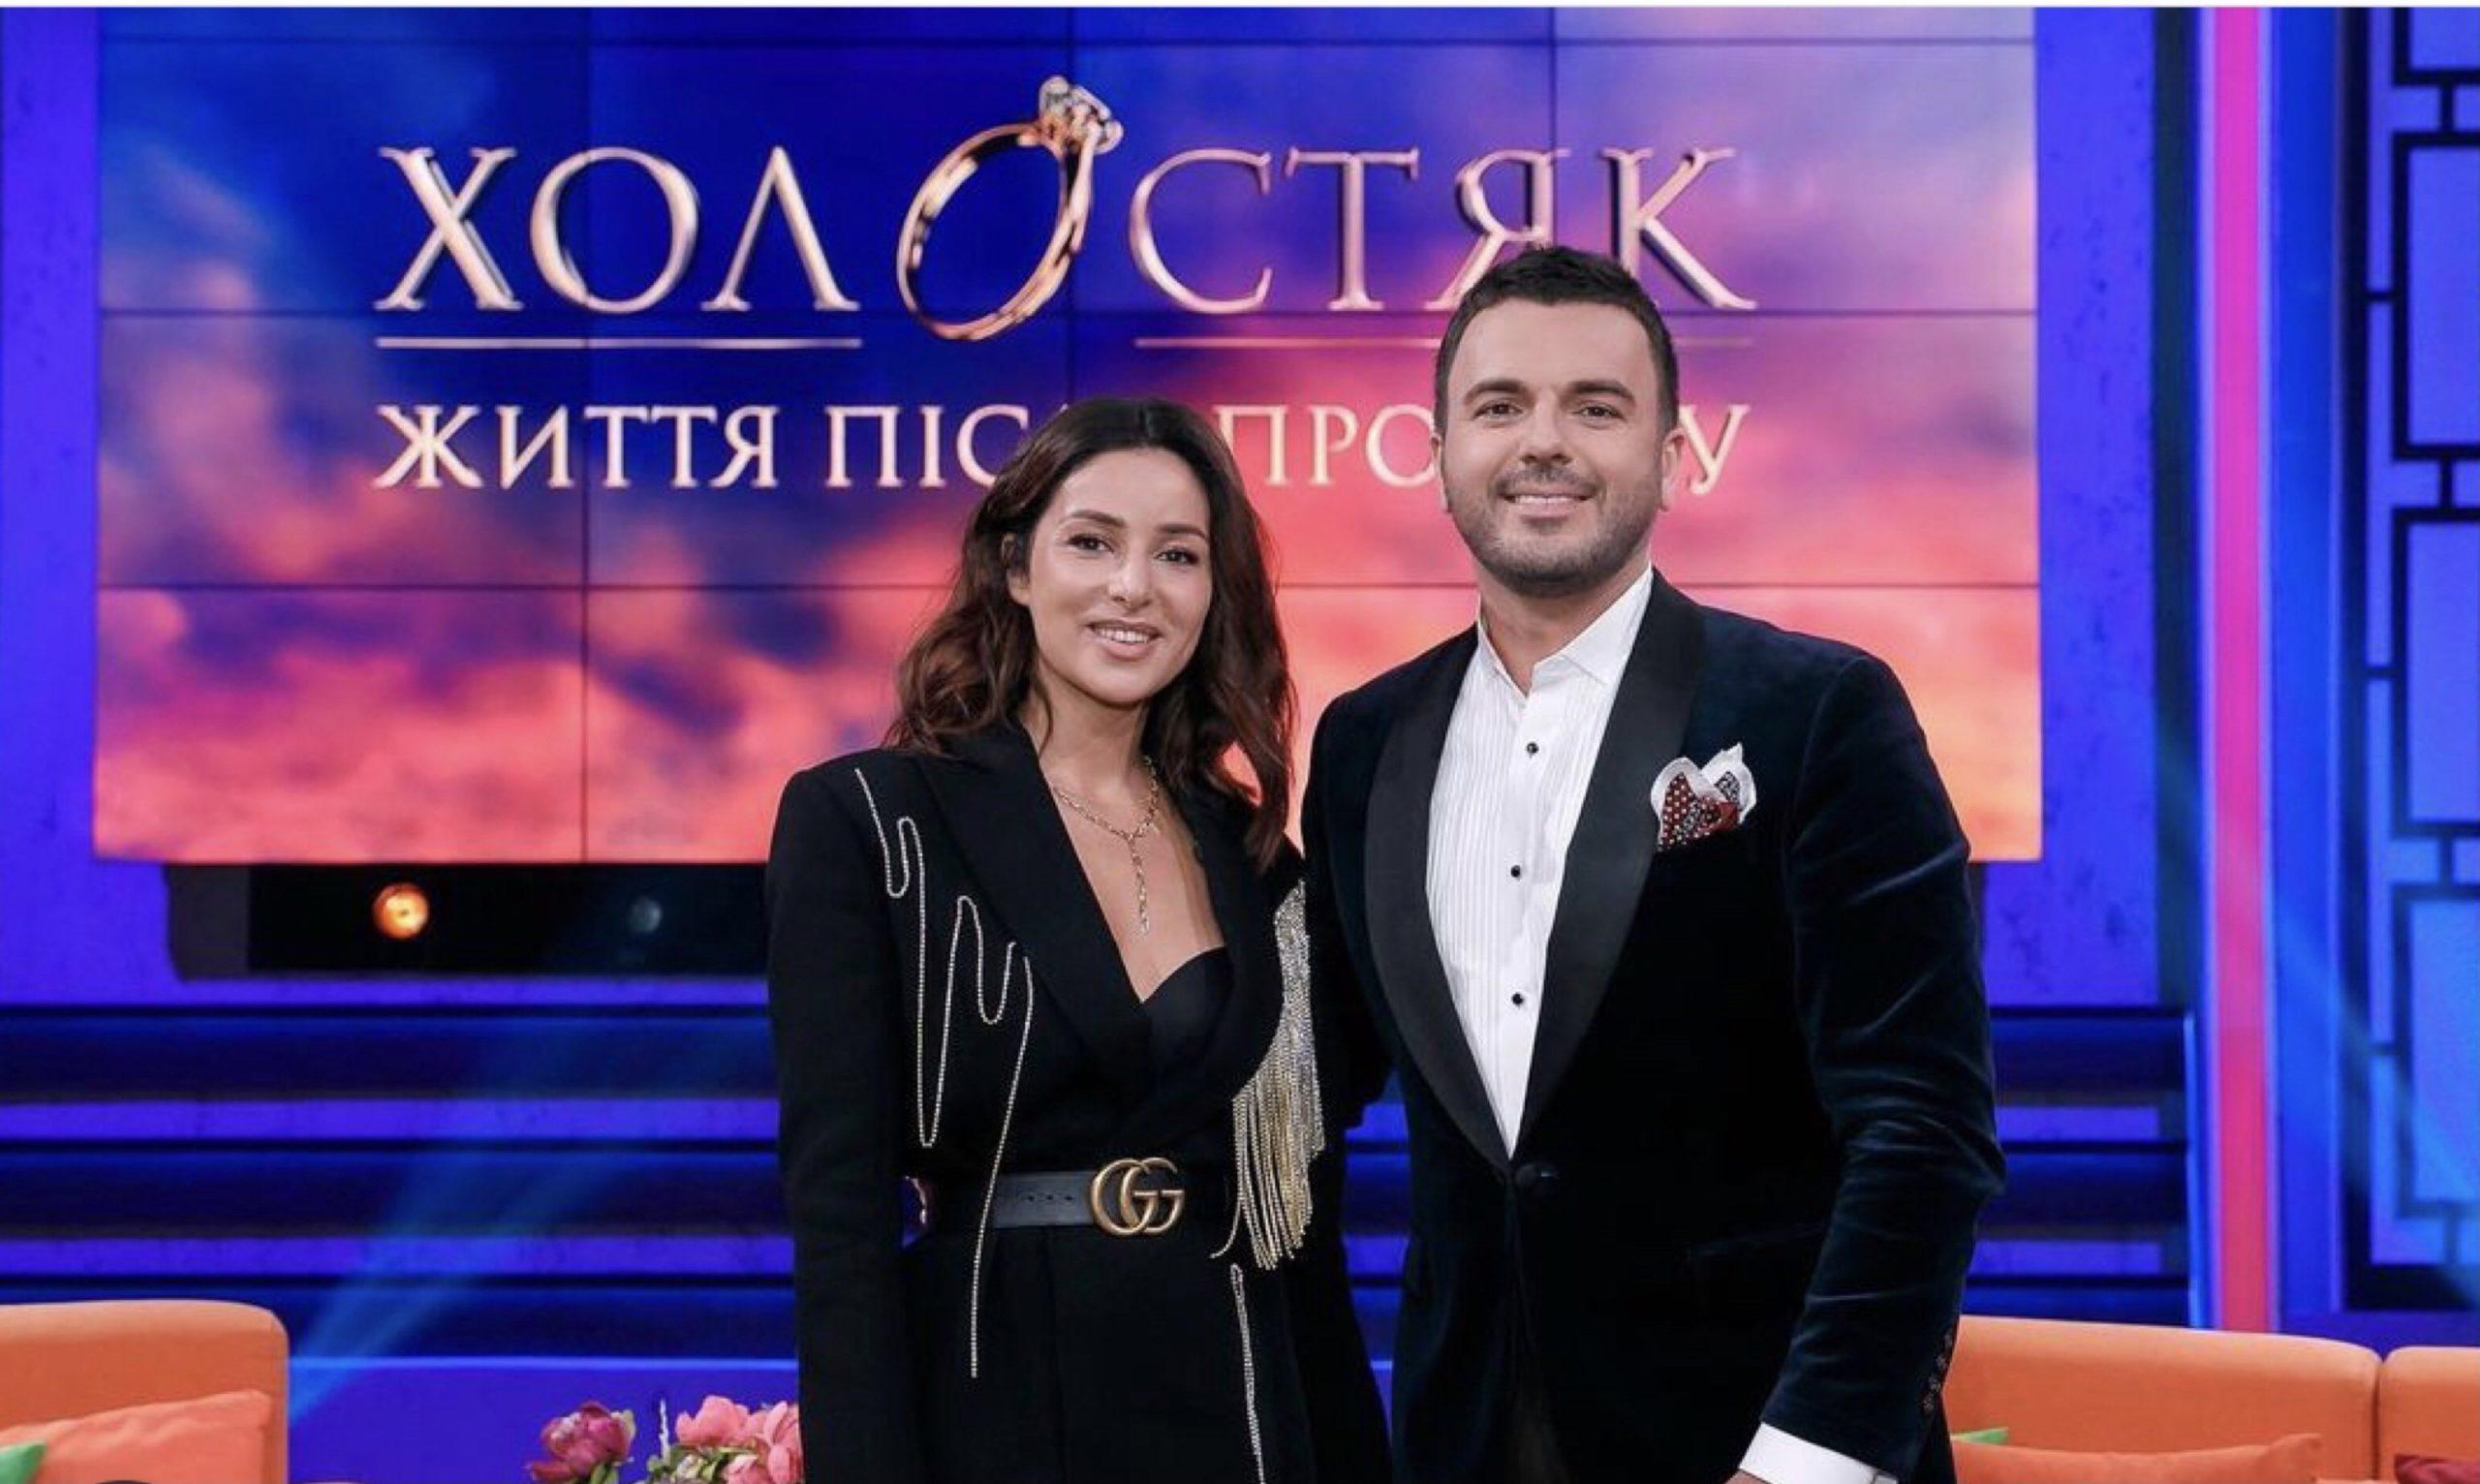 Злата Огнєвіч та Григорій Решетник